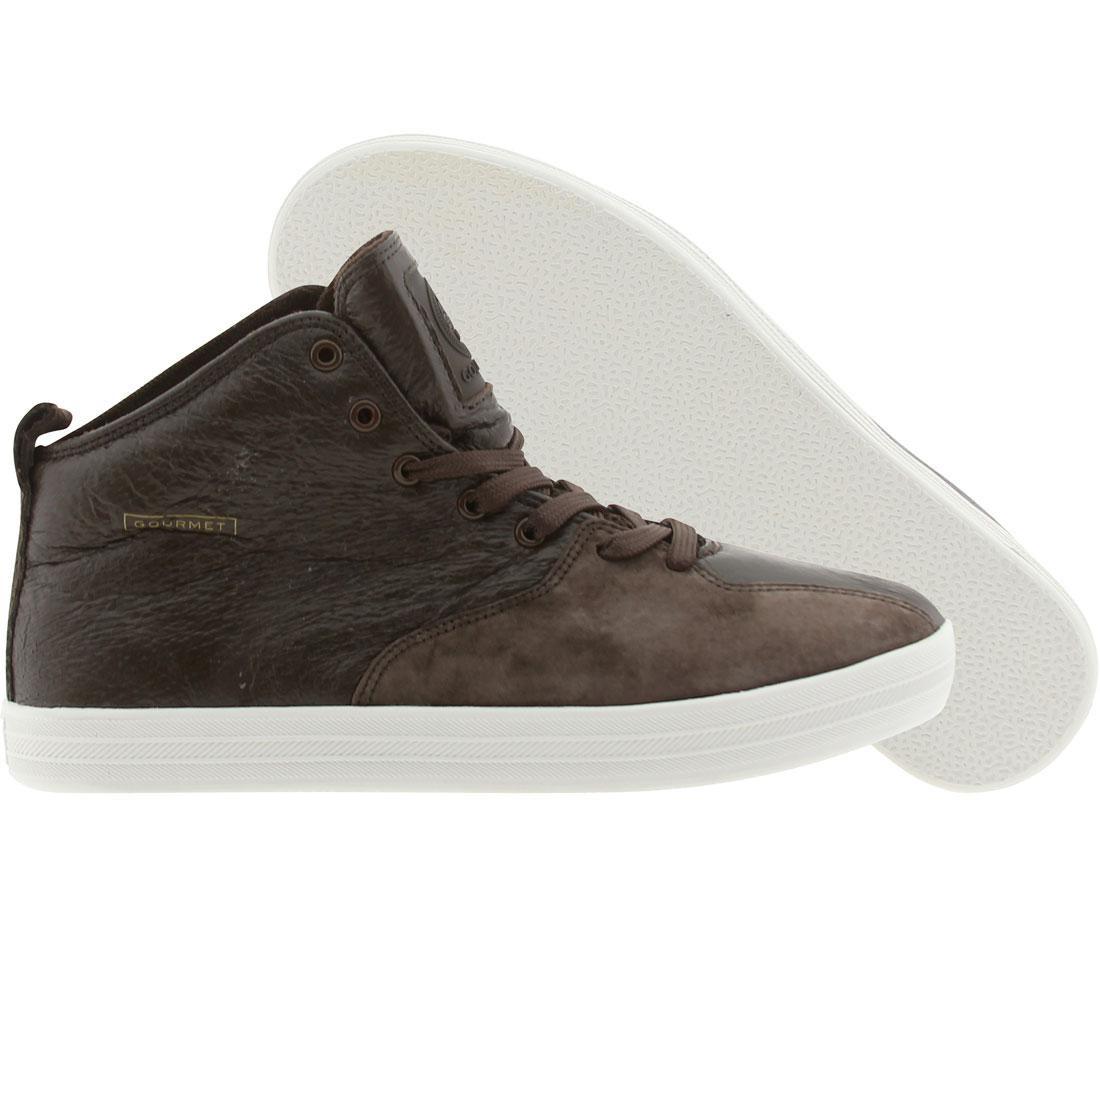 【海外限定】グルメ スケート メンズ靴 靴 【 SKATE GOURMET QUATTRO L BROWN WHITE 】